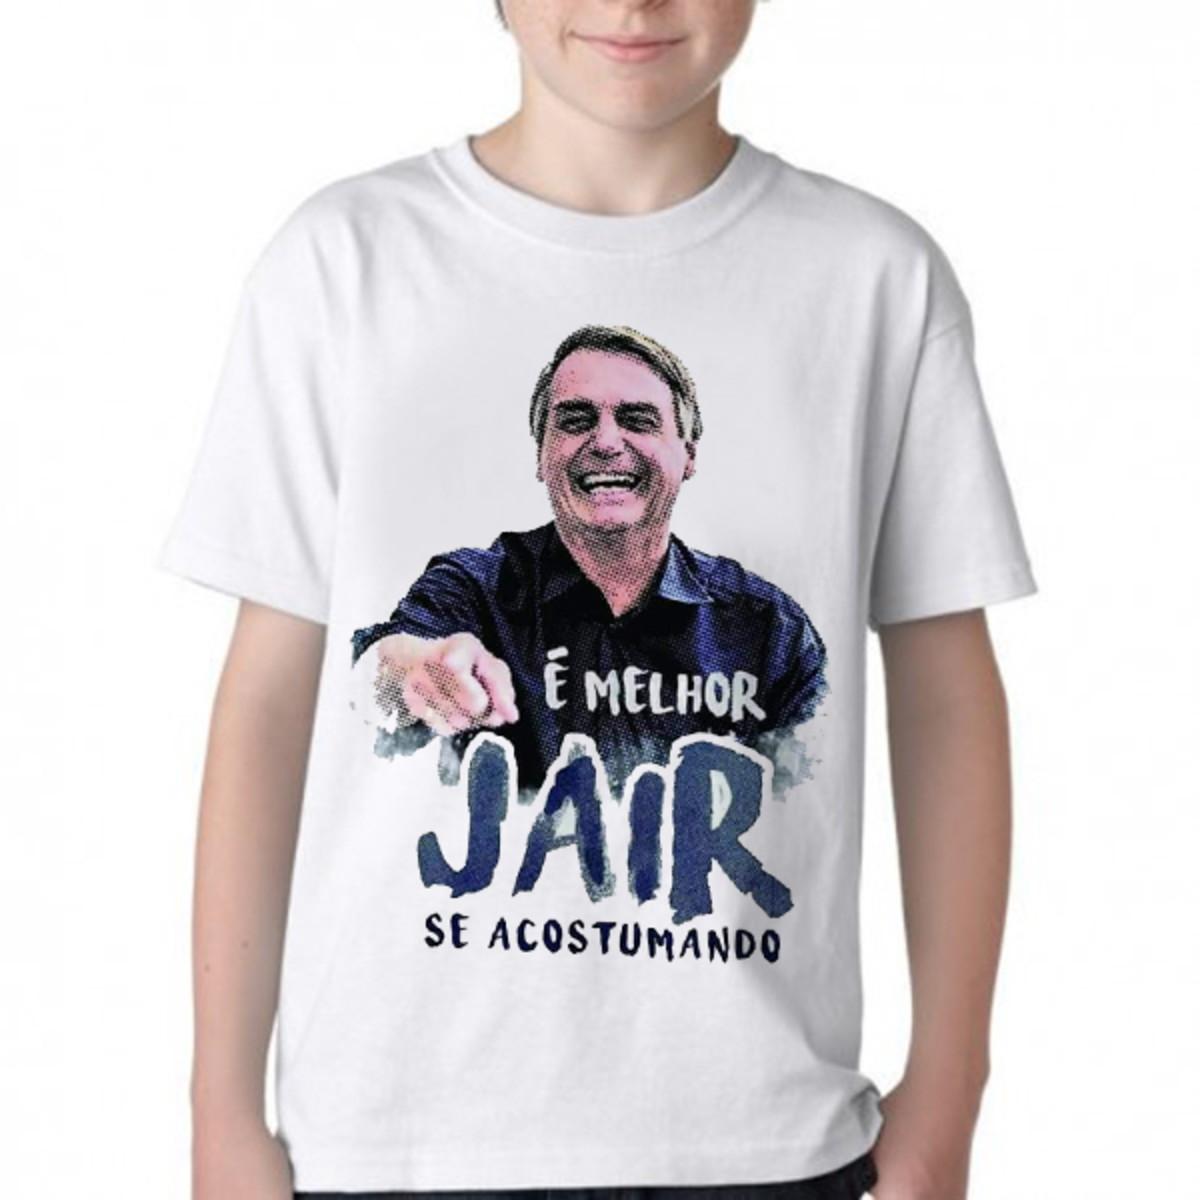 06e2ef38b8 Camiseta Infantil Blusa Melhor Jair acostumando Bolsonaro no Elo7 ...